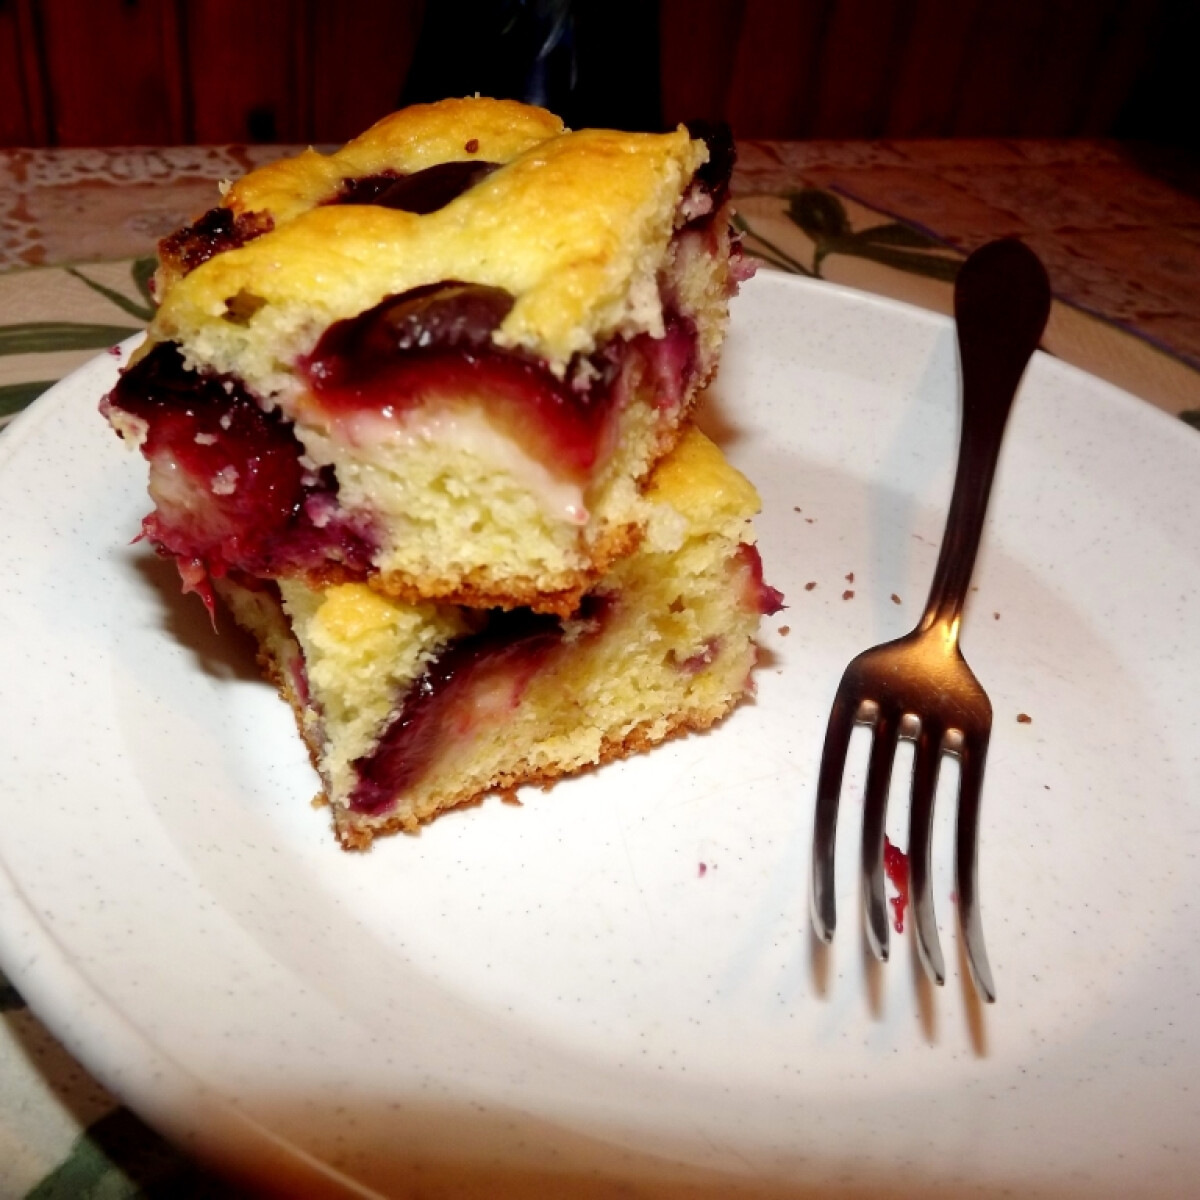 Ezen a képen: Poharas joghurtos-szilvás süti